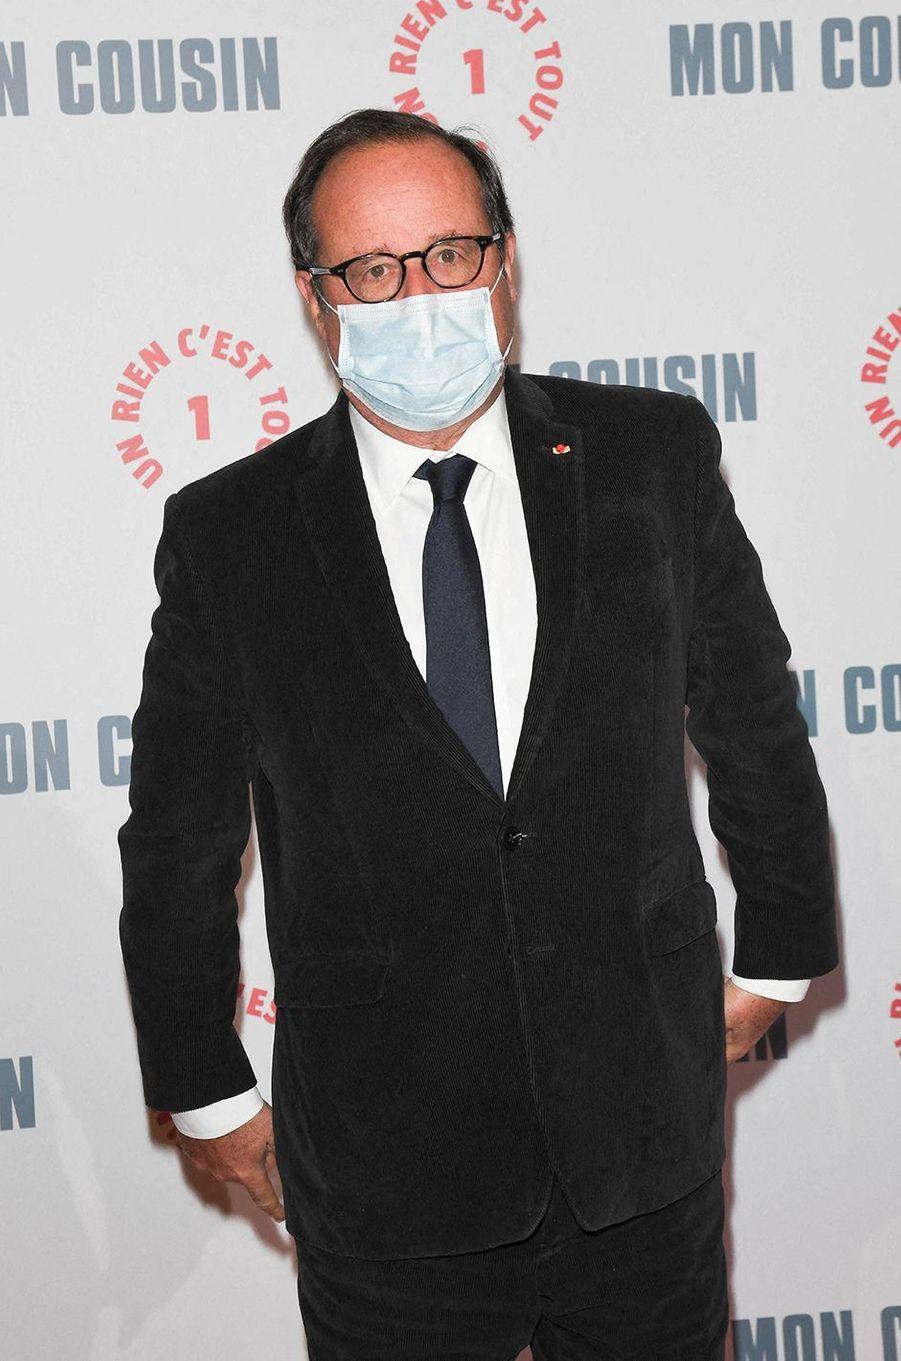 François Hollandeà l'avant-première du film«Mon Cousin» au Grand Rex à Paris le 28 septembre 2020